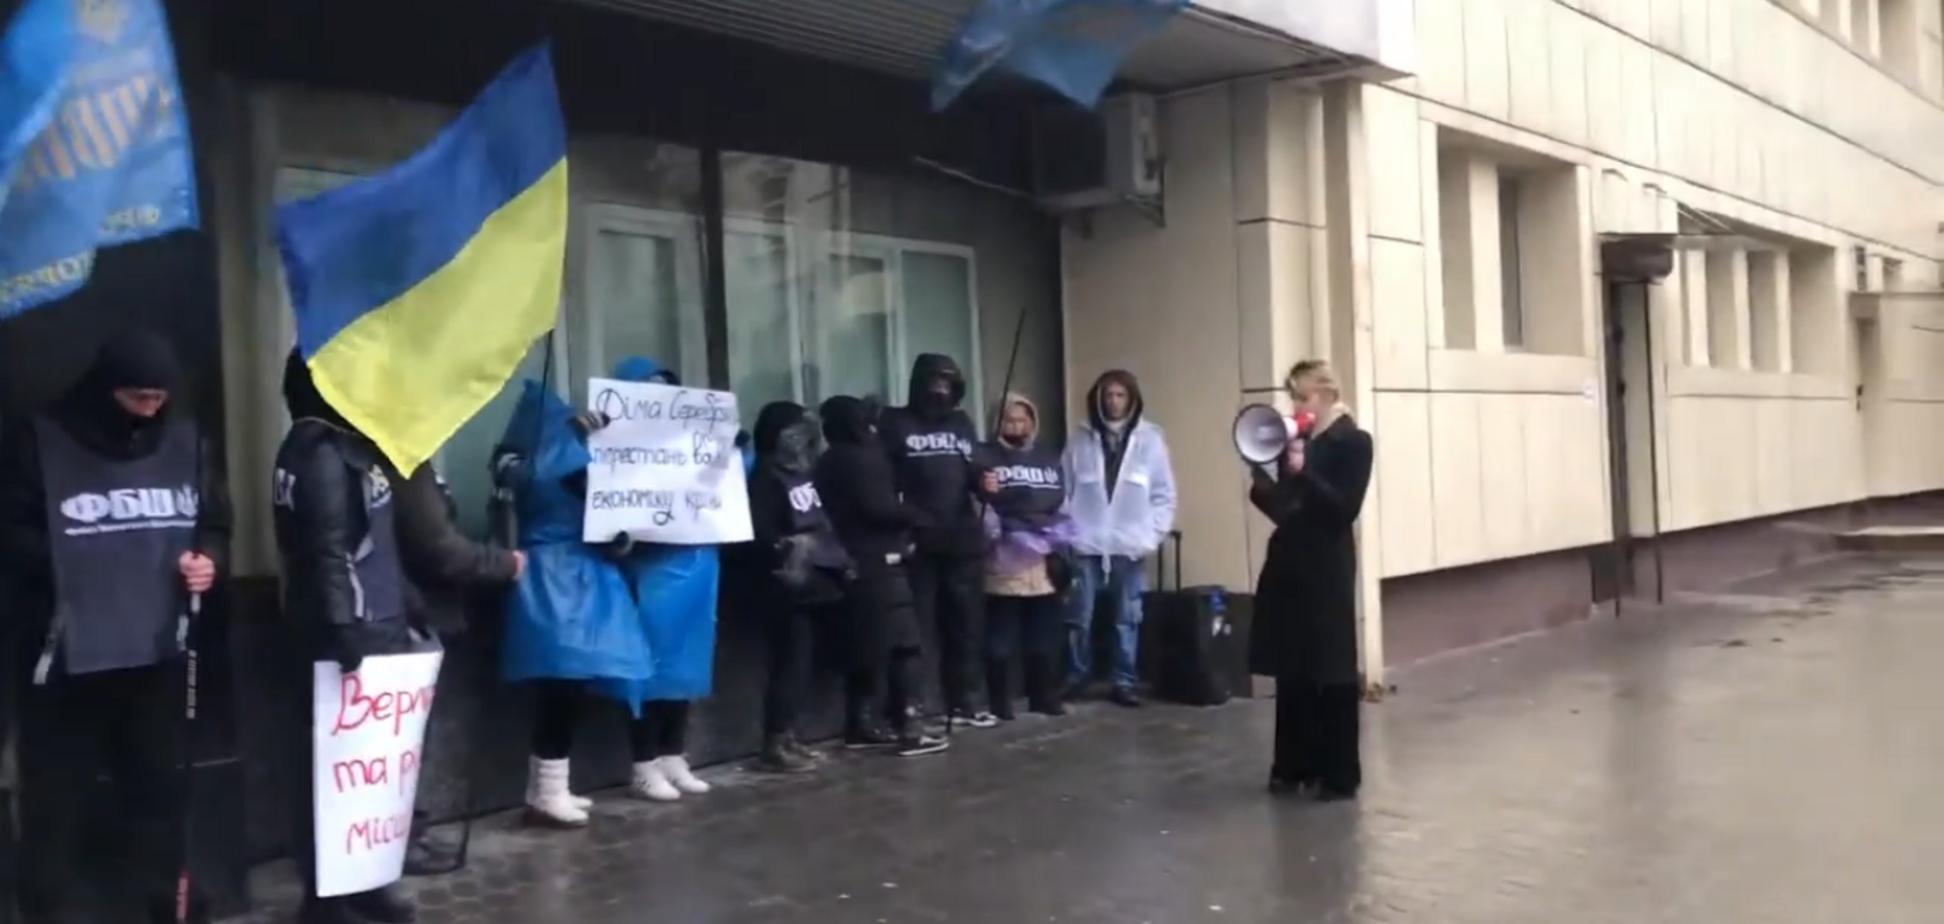 Мітинг під будівлею Державної податкової служби